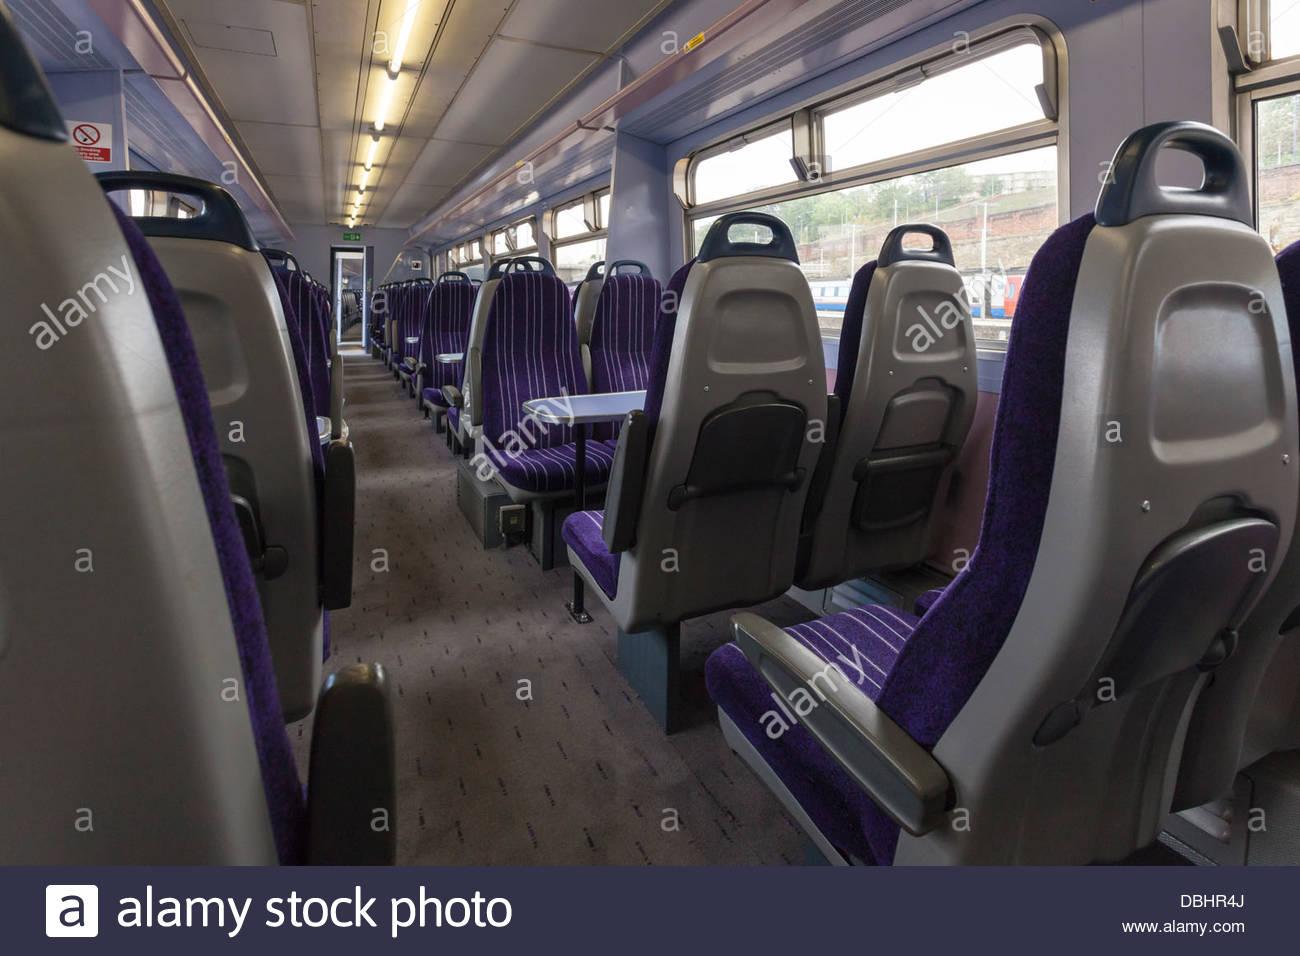 Railway Coach Stockfotos & Railway Coach Bilder - Alamy